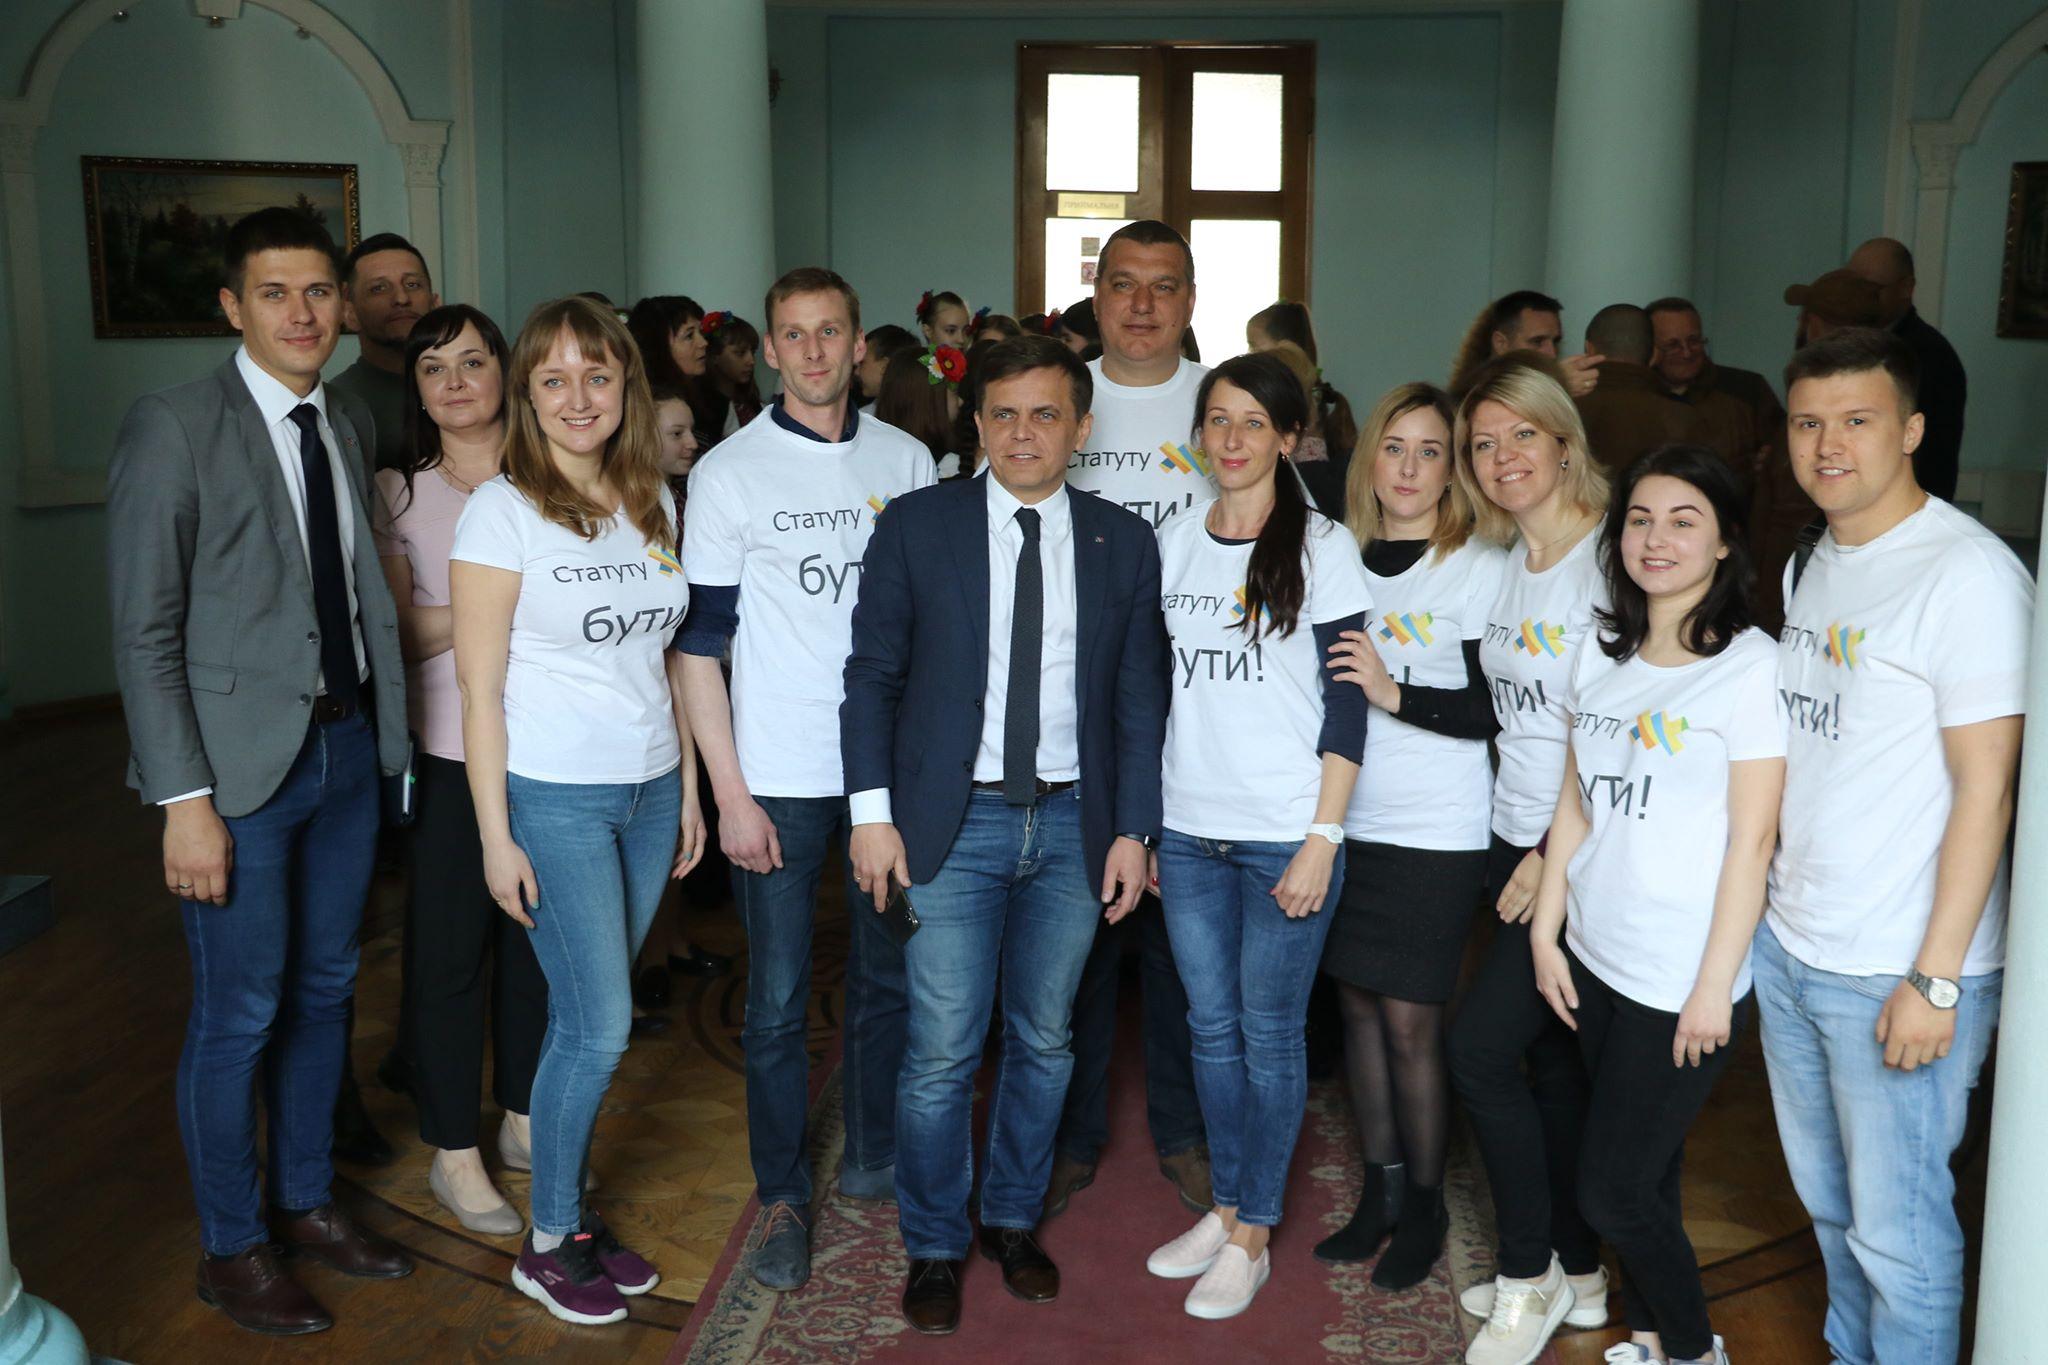 img1556007941 - Житомирські депутати затвердили Статут міської територіальної громади